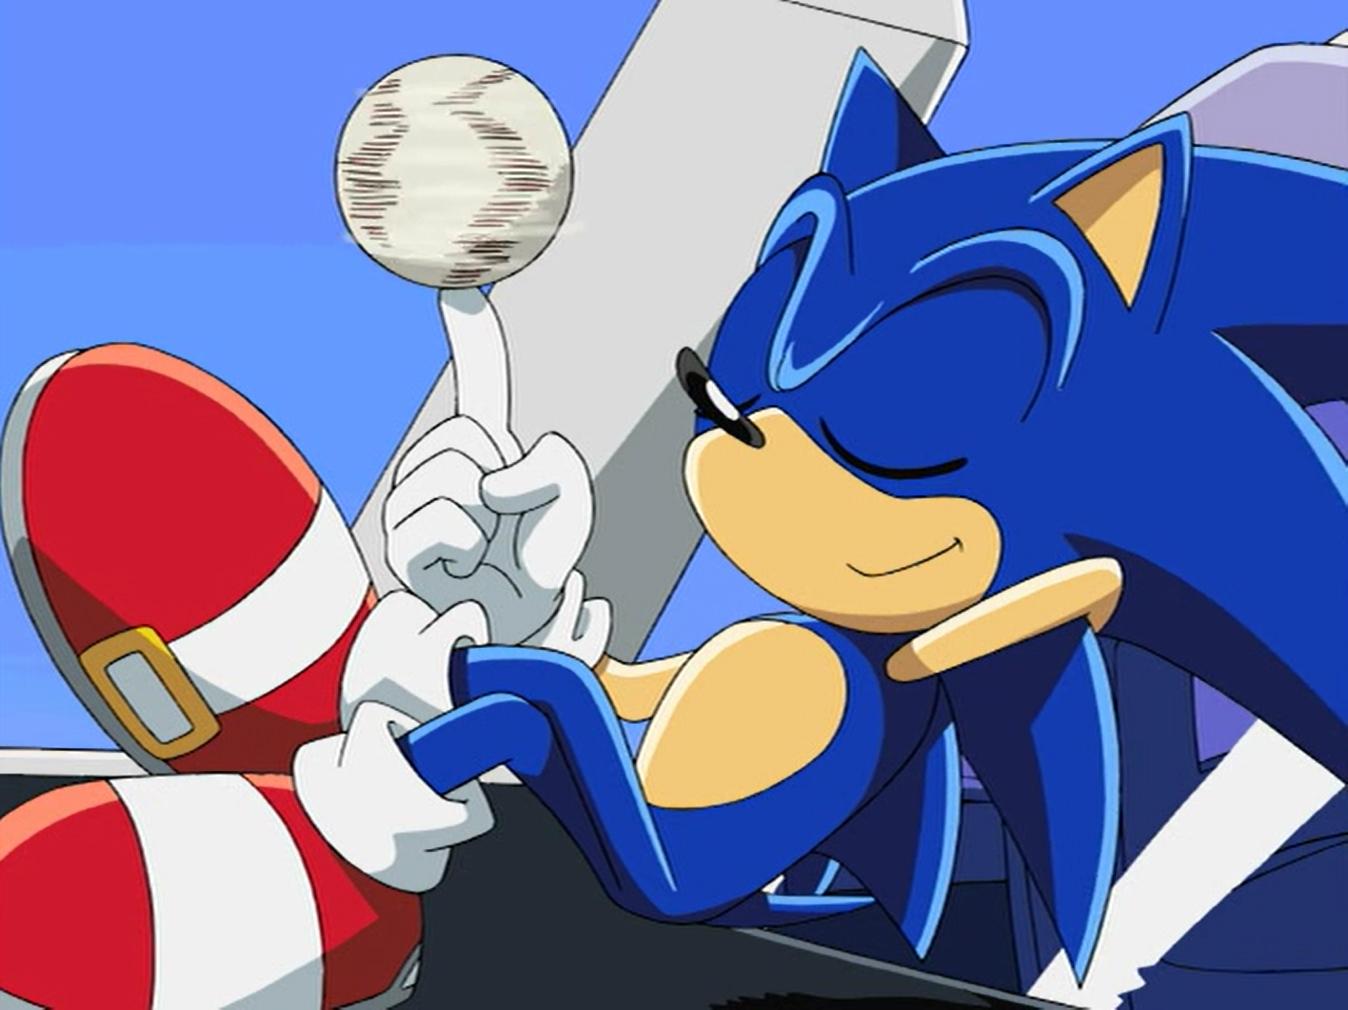 File:Sonic017.jpg